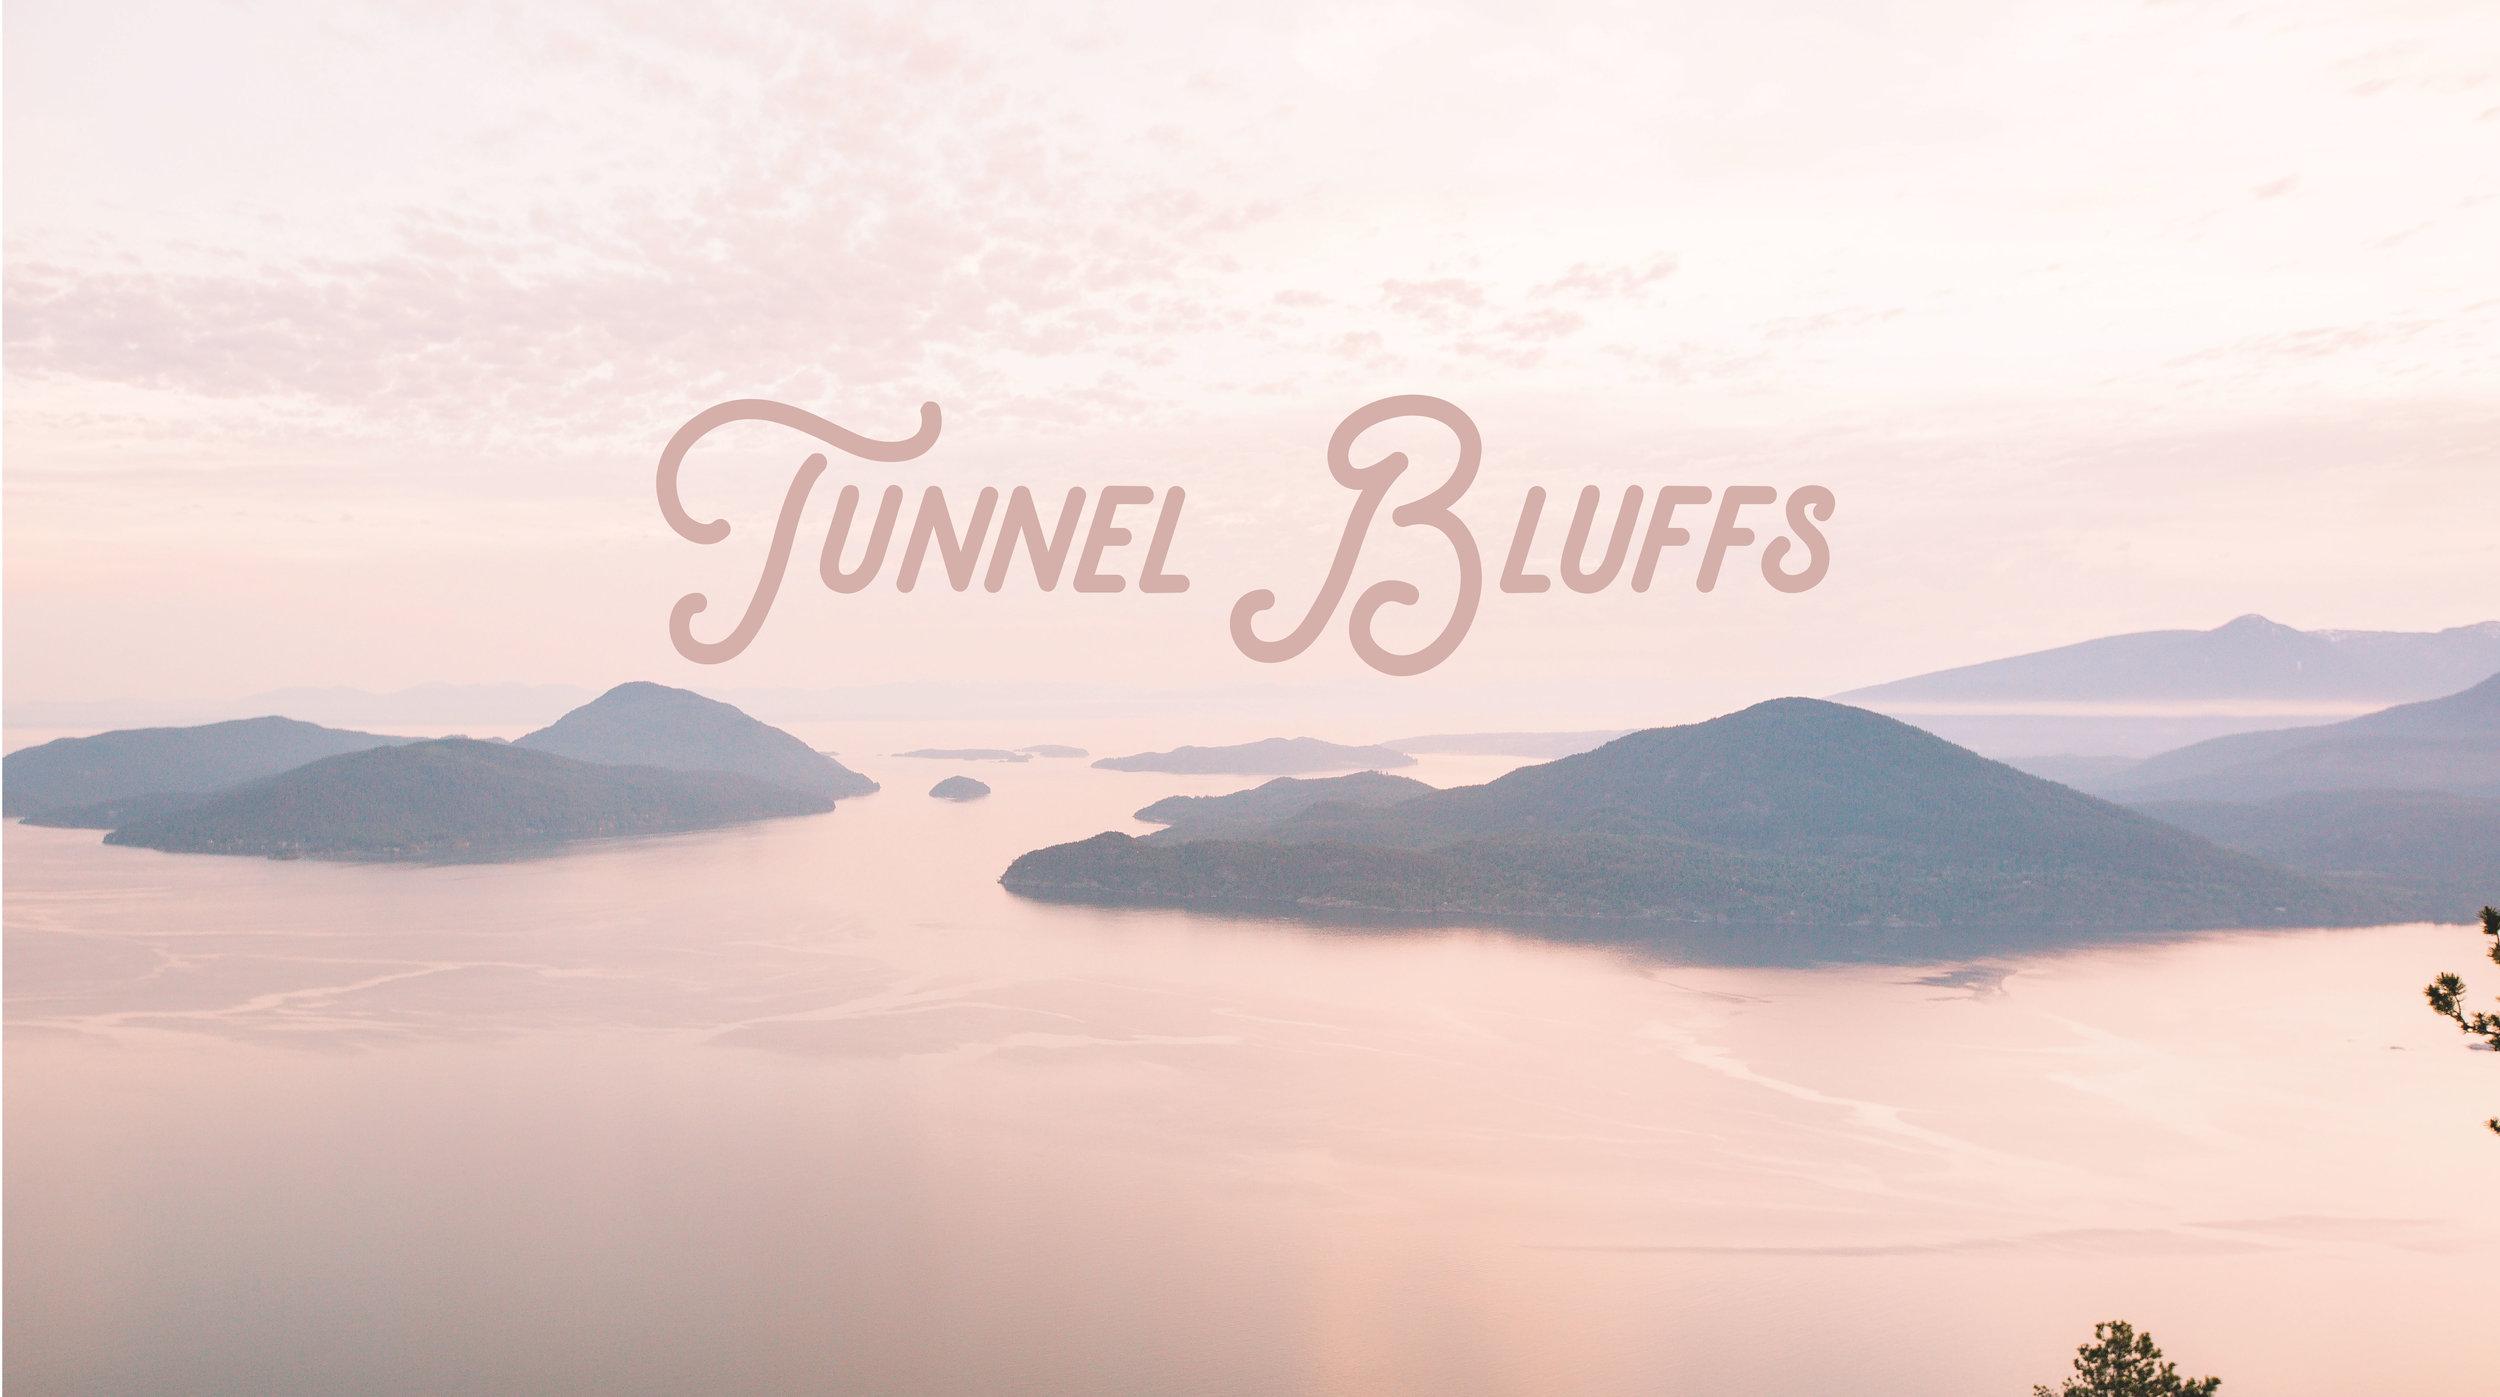 Tunnel Bluffs - VancityWild